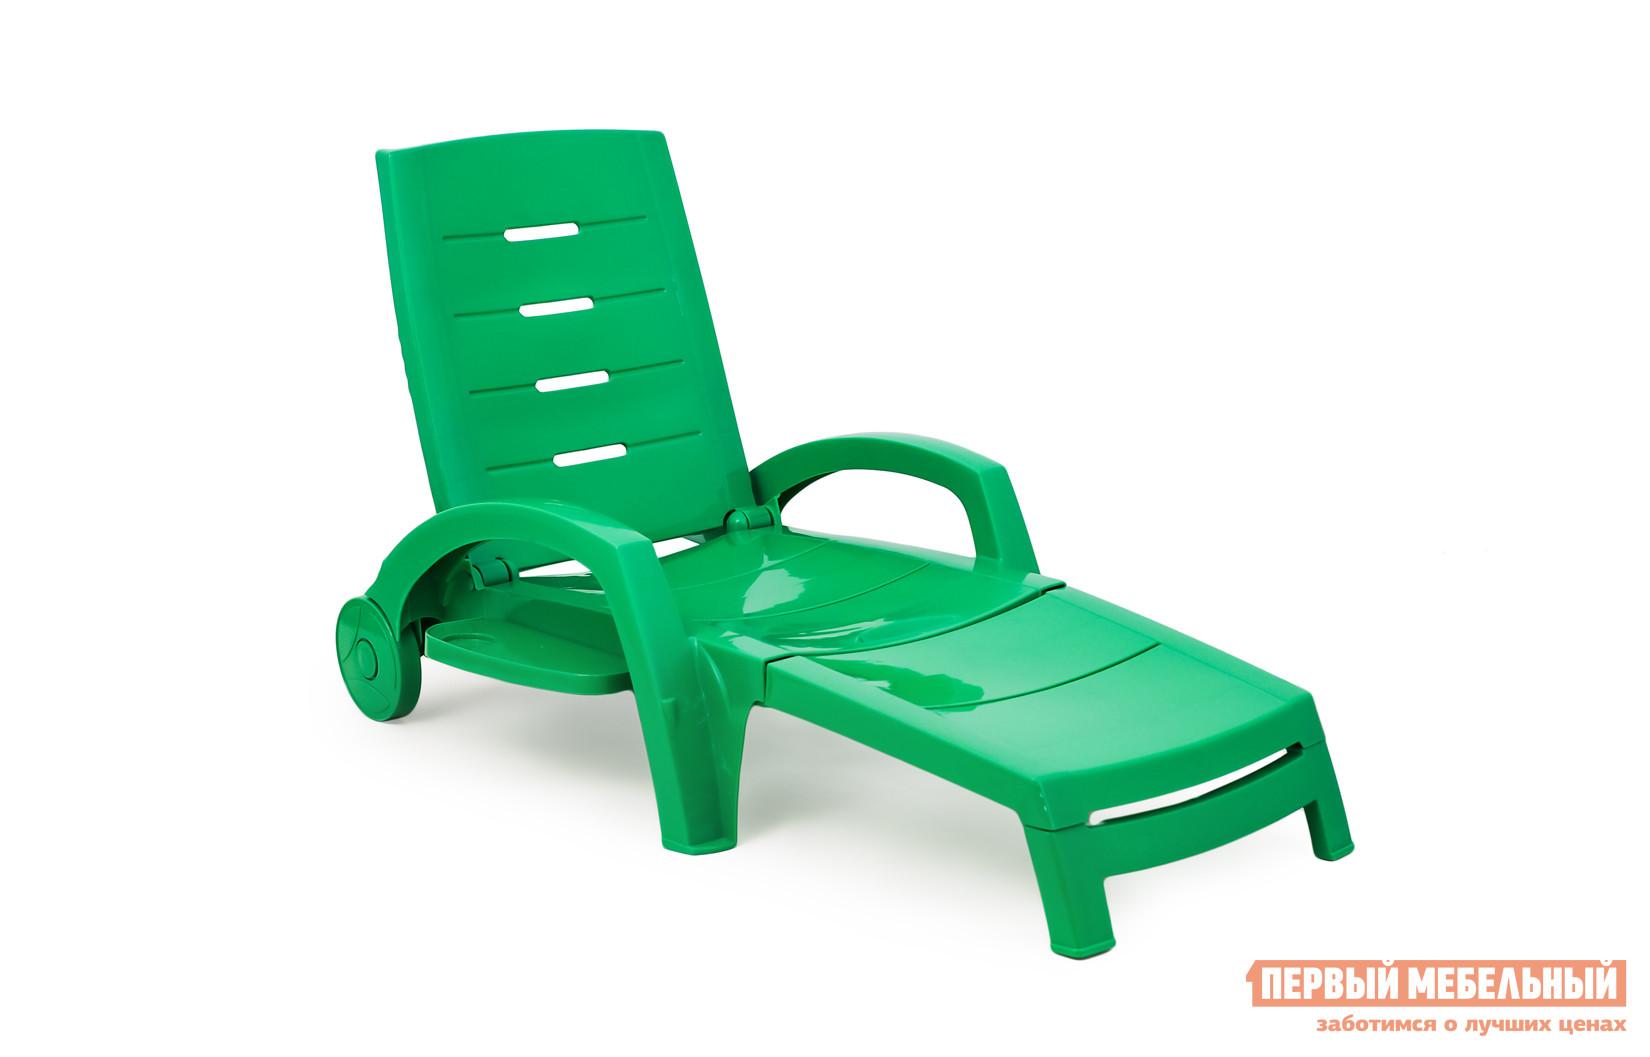 Шезлонг Стандарт Пластик Шезлонг складной на колесах (с ящиком) (1860x765x890мм) Зеленый